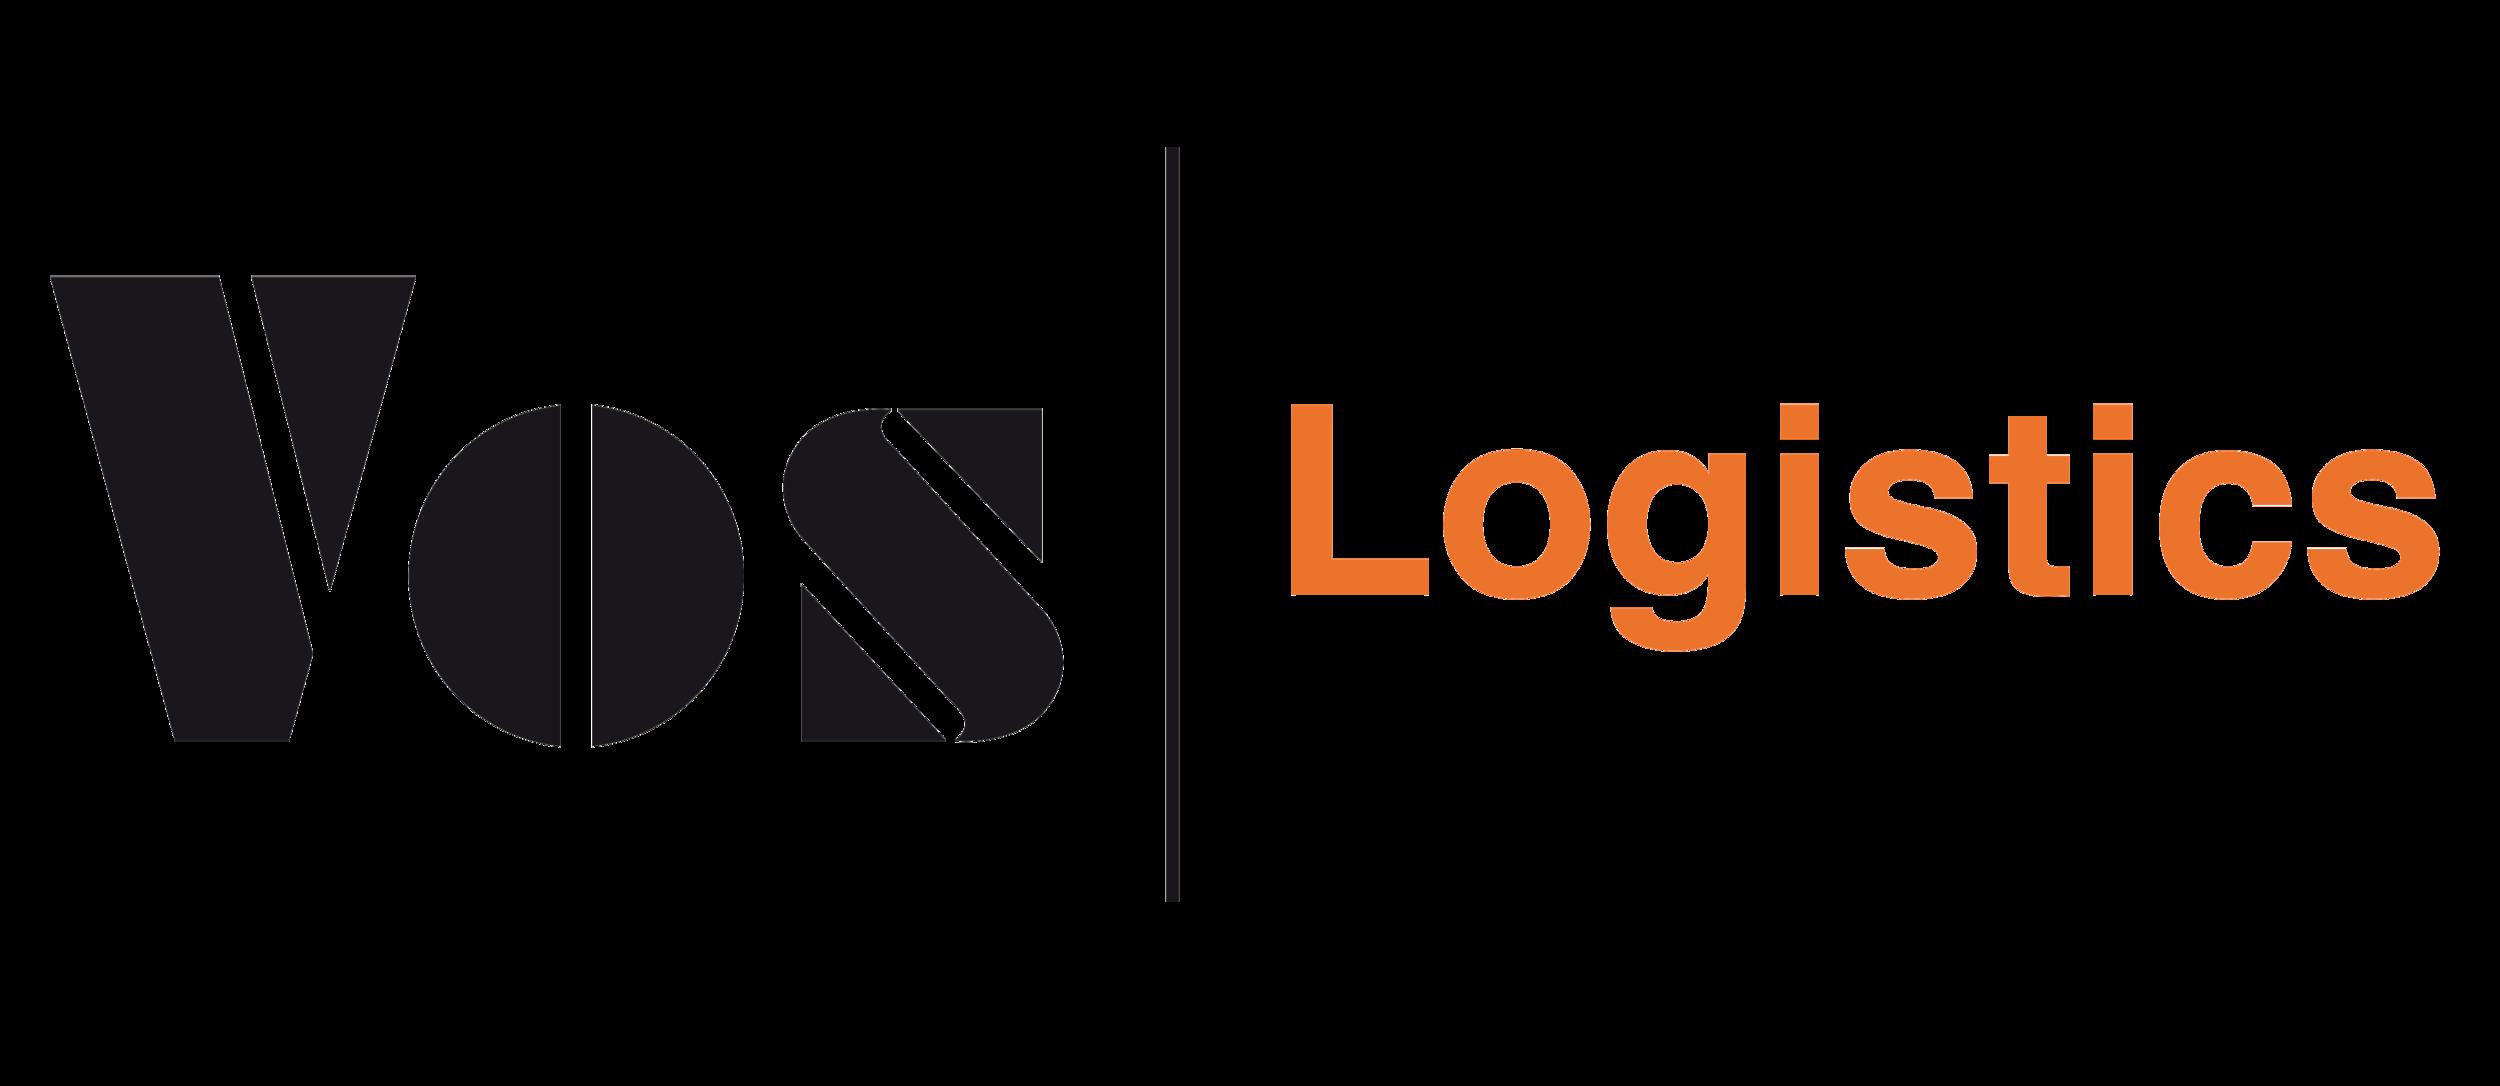 VL logo black-orange.png